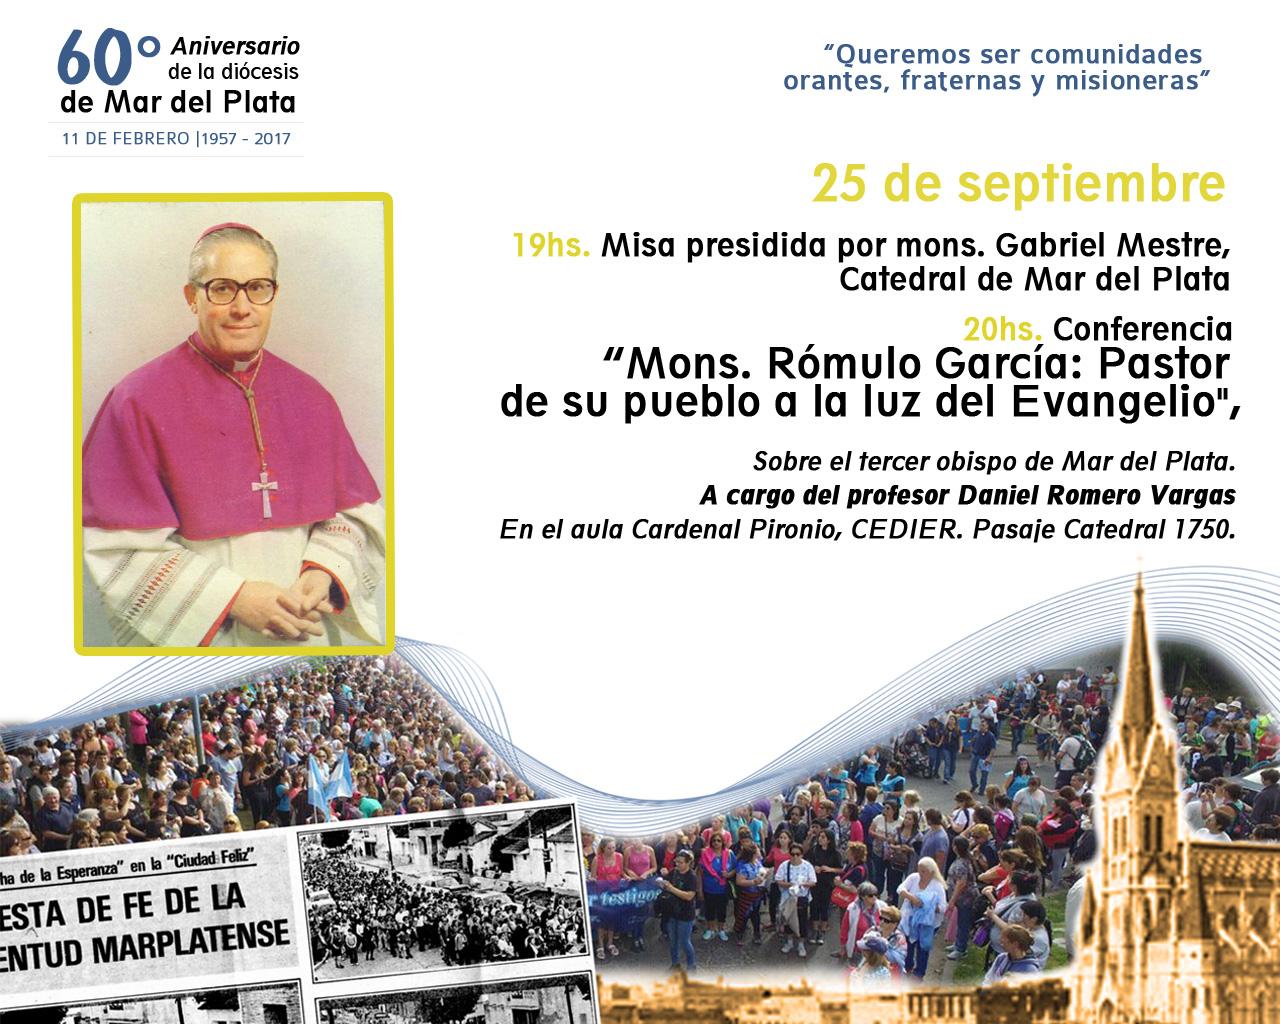 Se realizará una charla sobre monseñor Rómulo García